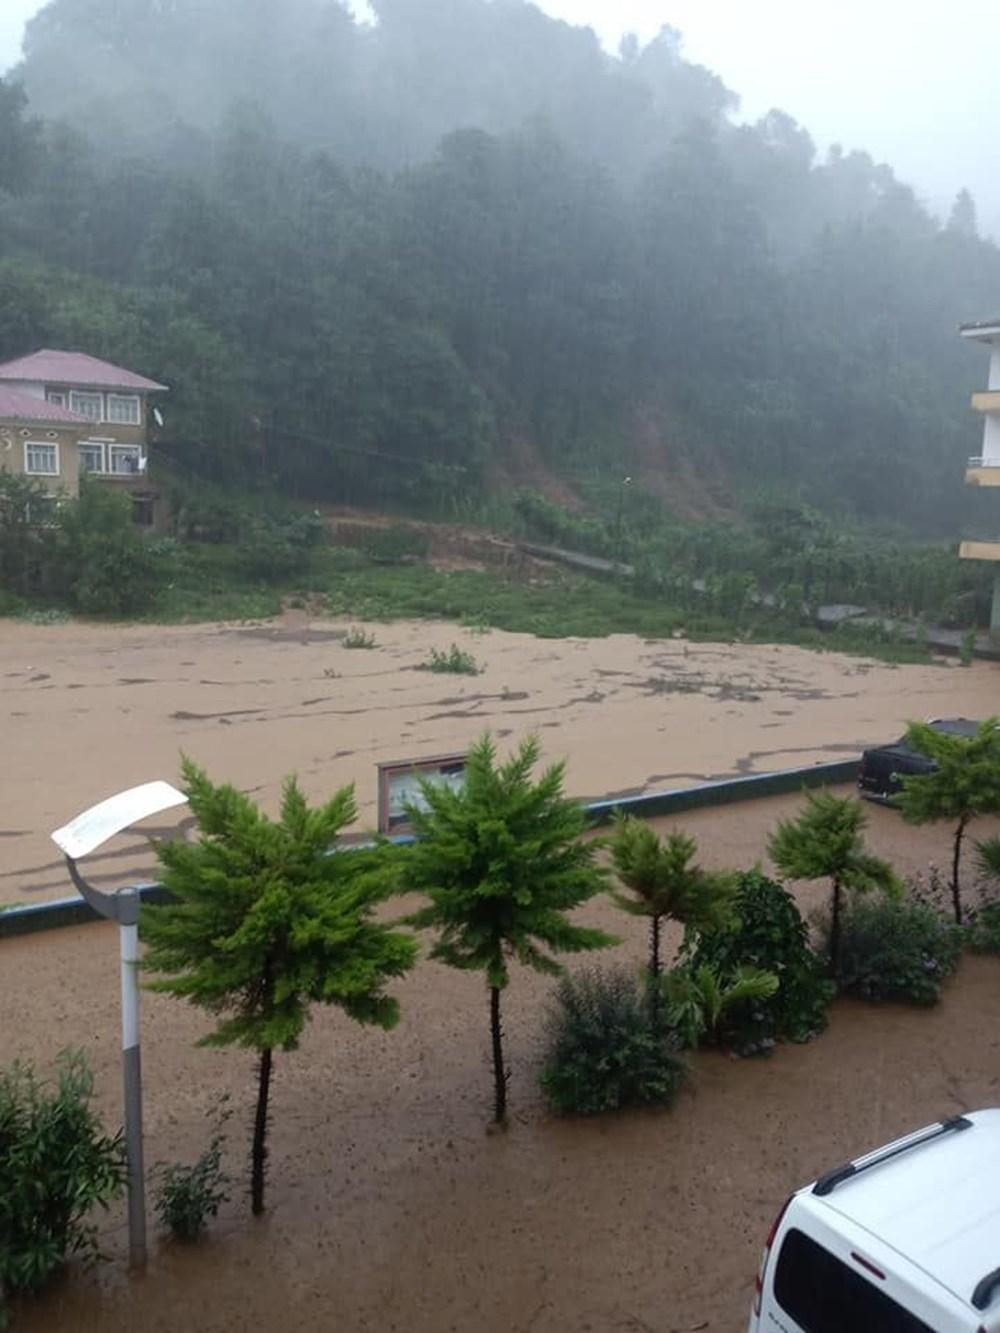 Şiddetli yağış Rize'yi de vurdu: 2 can kaybı - 35